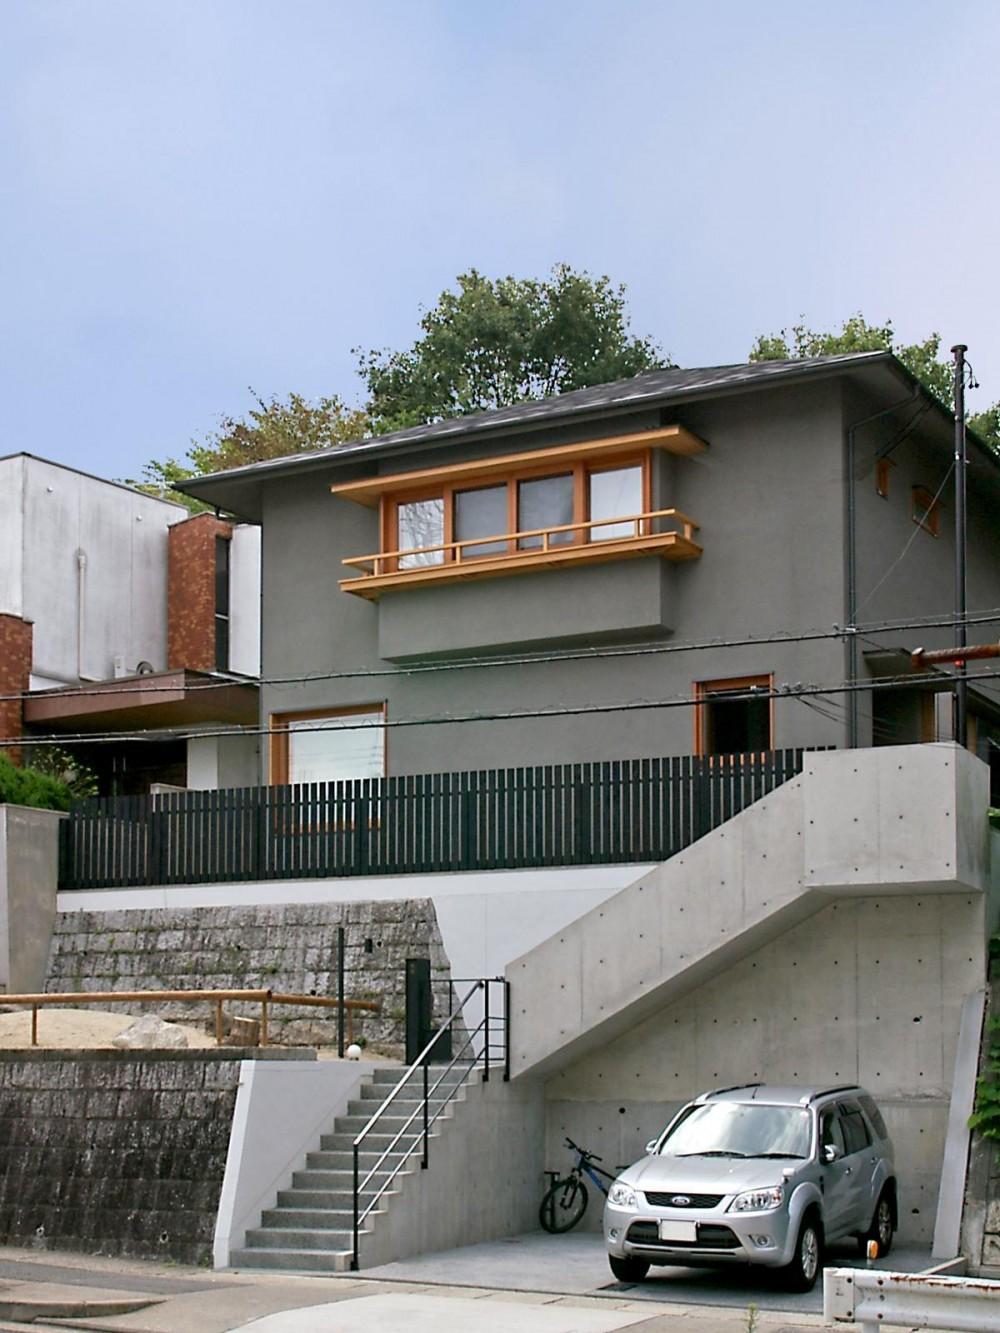 高台に建つ和モダン住宅 (高台に建つ家)